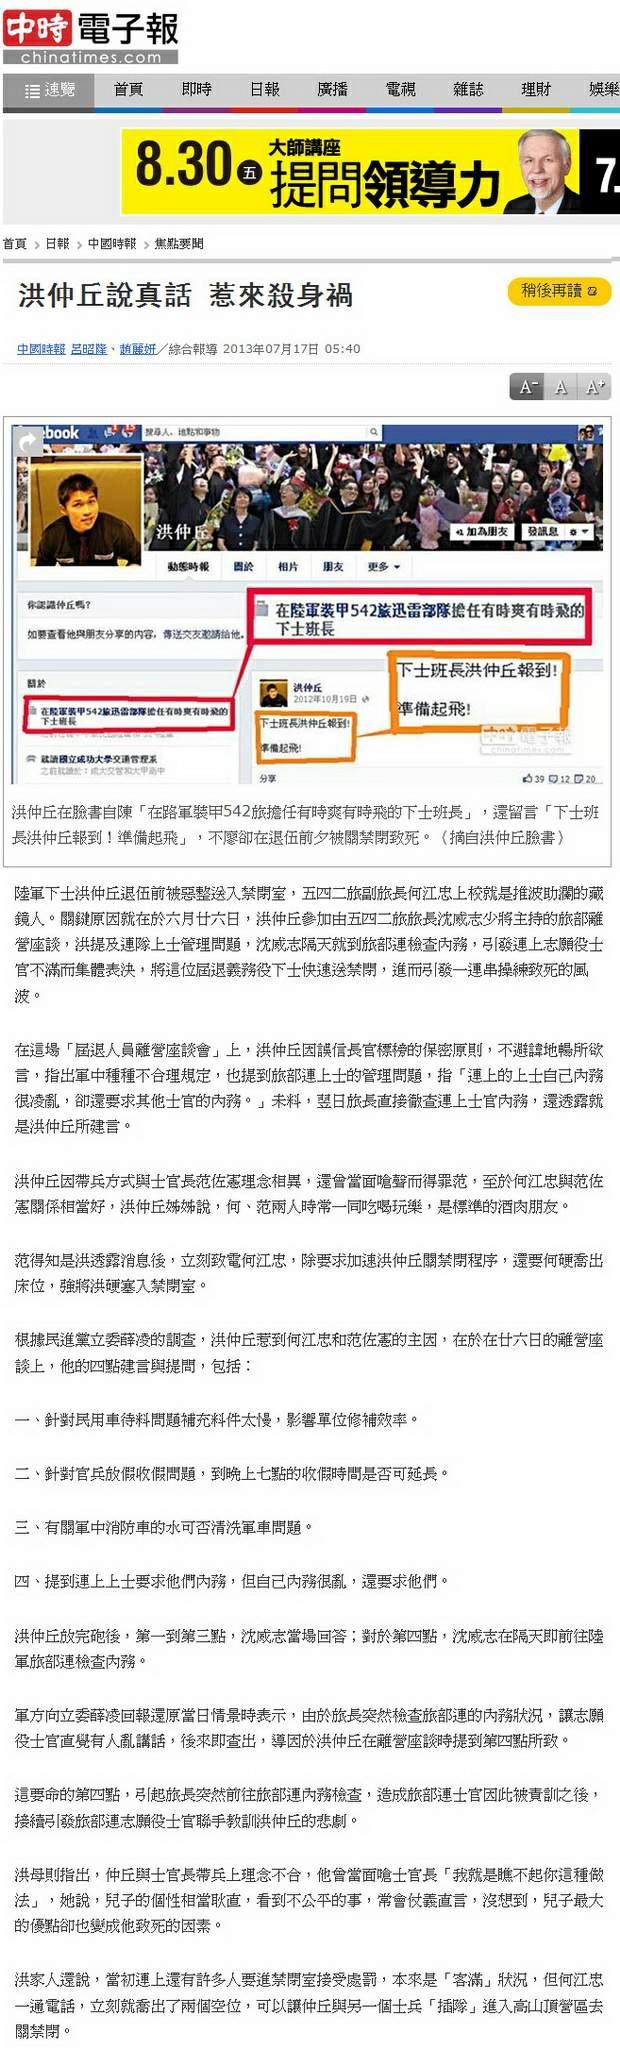 洪仲丘說真話 惹來殺身禍-2013.07.17.jpg